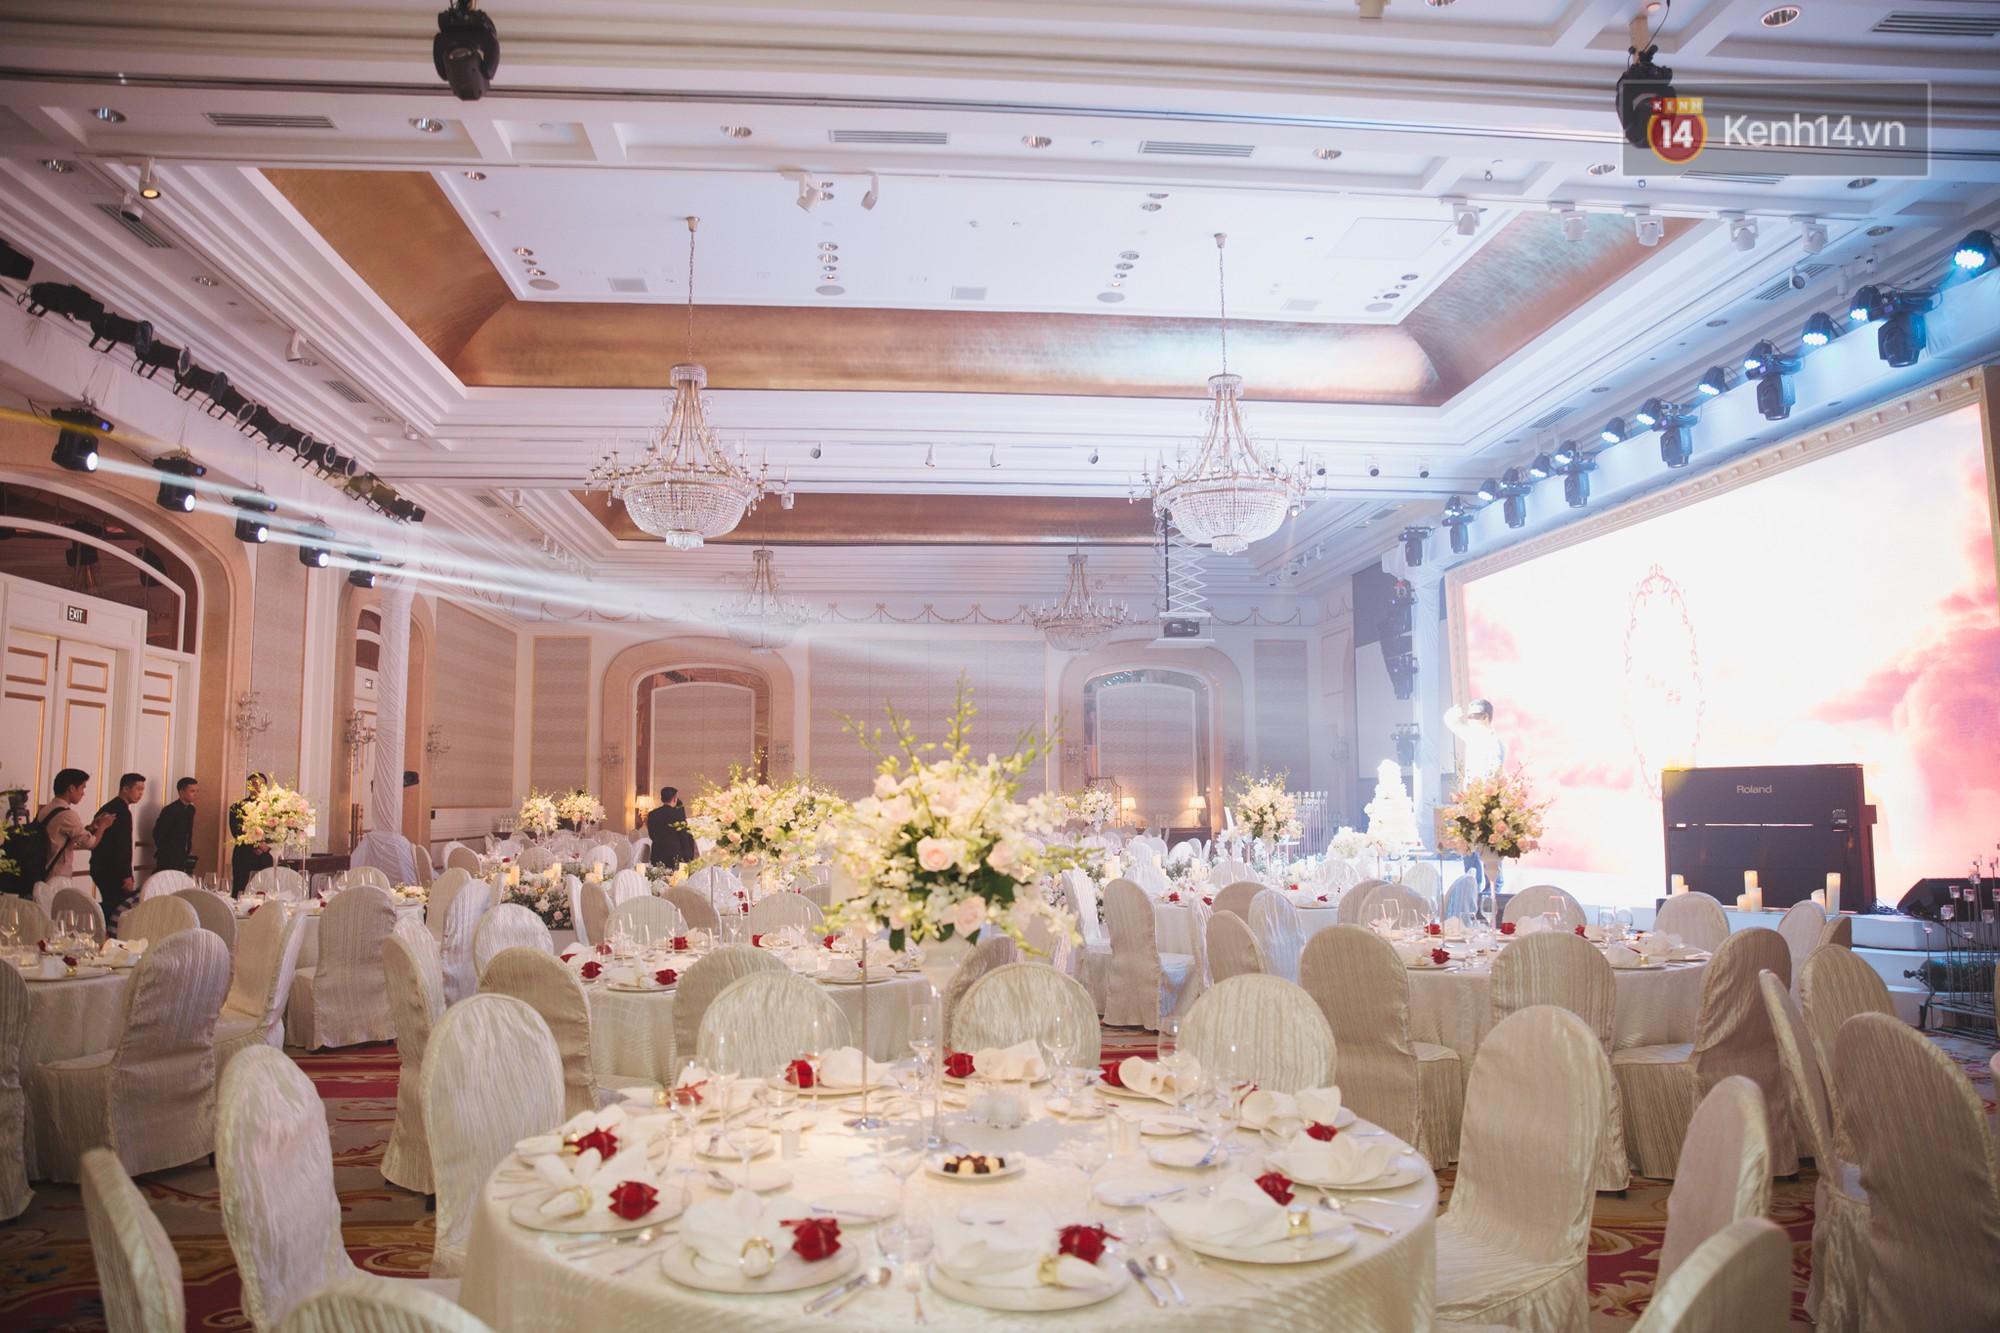 Hé lộ không gian cưới sang trọng của ca sĩ Lê Hiếu và bà xã Thu Trang - Ảnh 12.